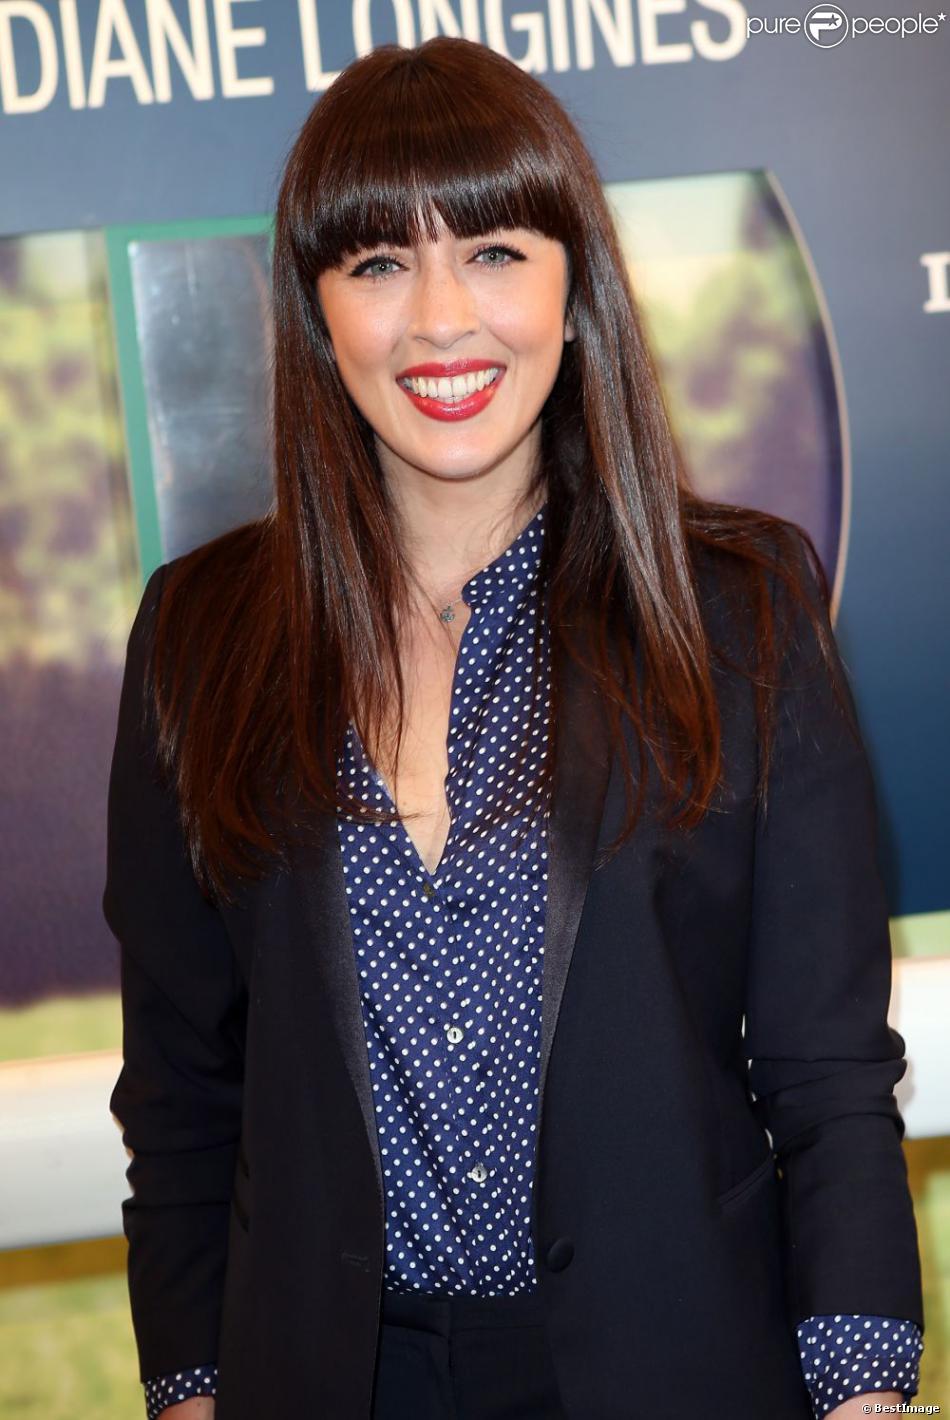 Nolwenn Leroy à la soirée de lancement du Prix de Diane Longines 2013 au Pavillon Gabriel, le 22 mai 2013.